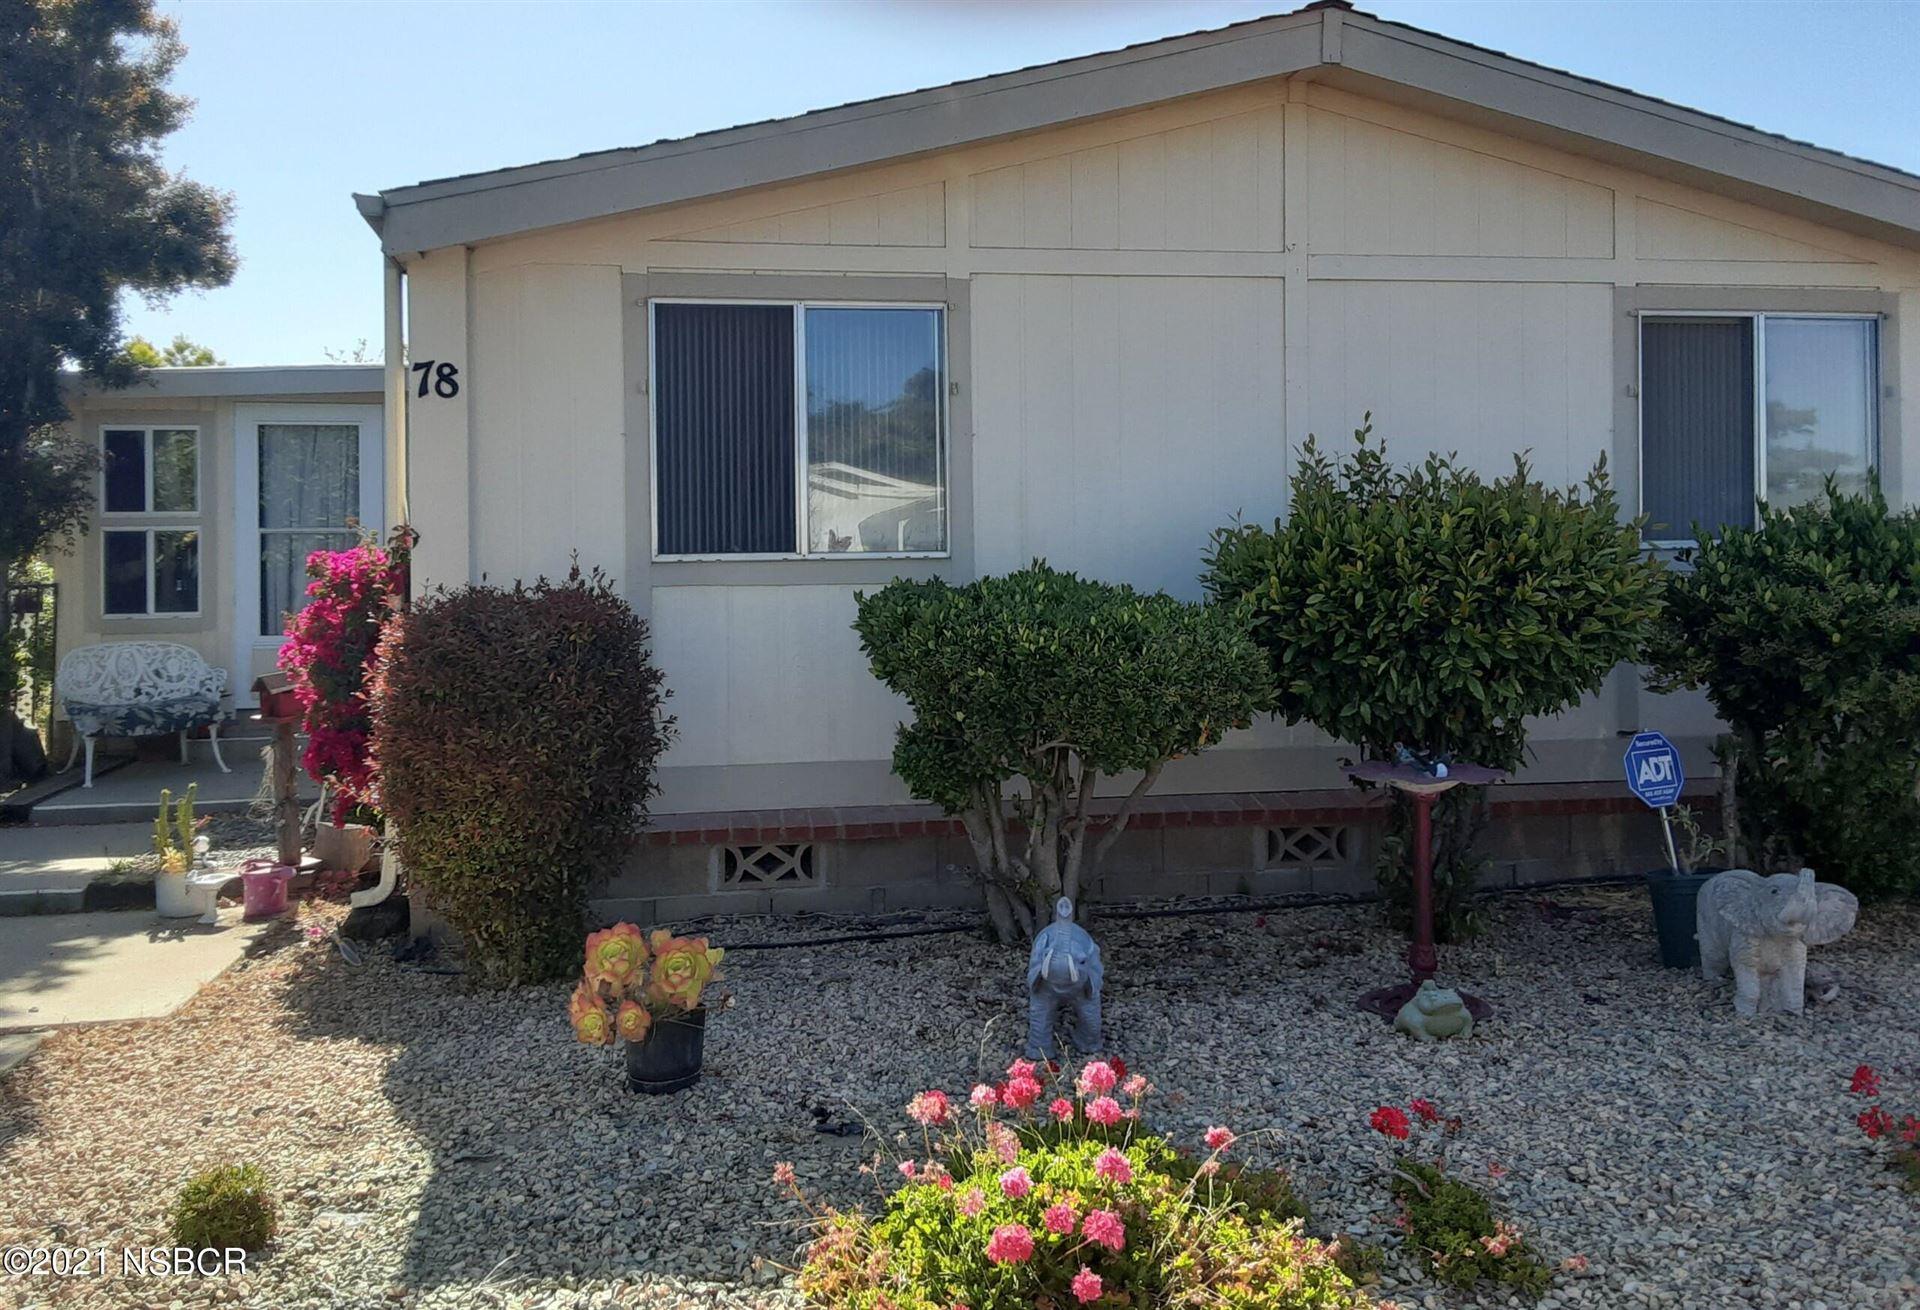 519 W Taylor Street #78, Santa Maria, CA 93458 - MLS#: 21001002